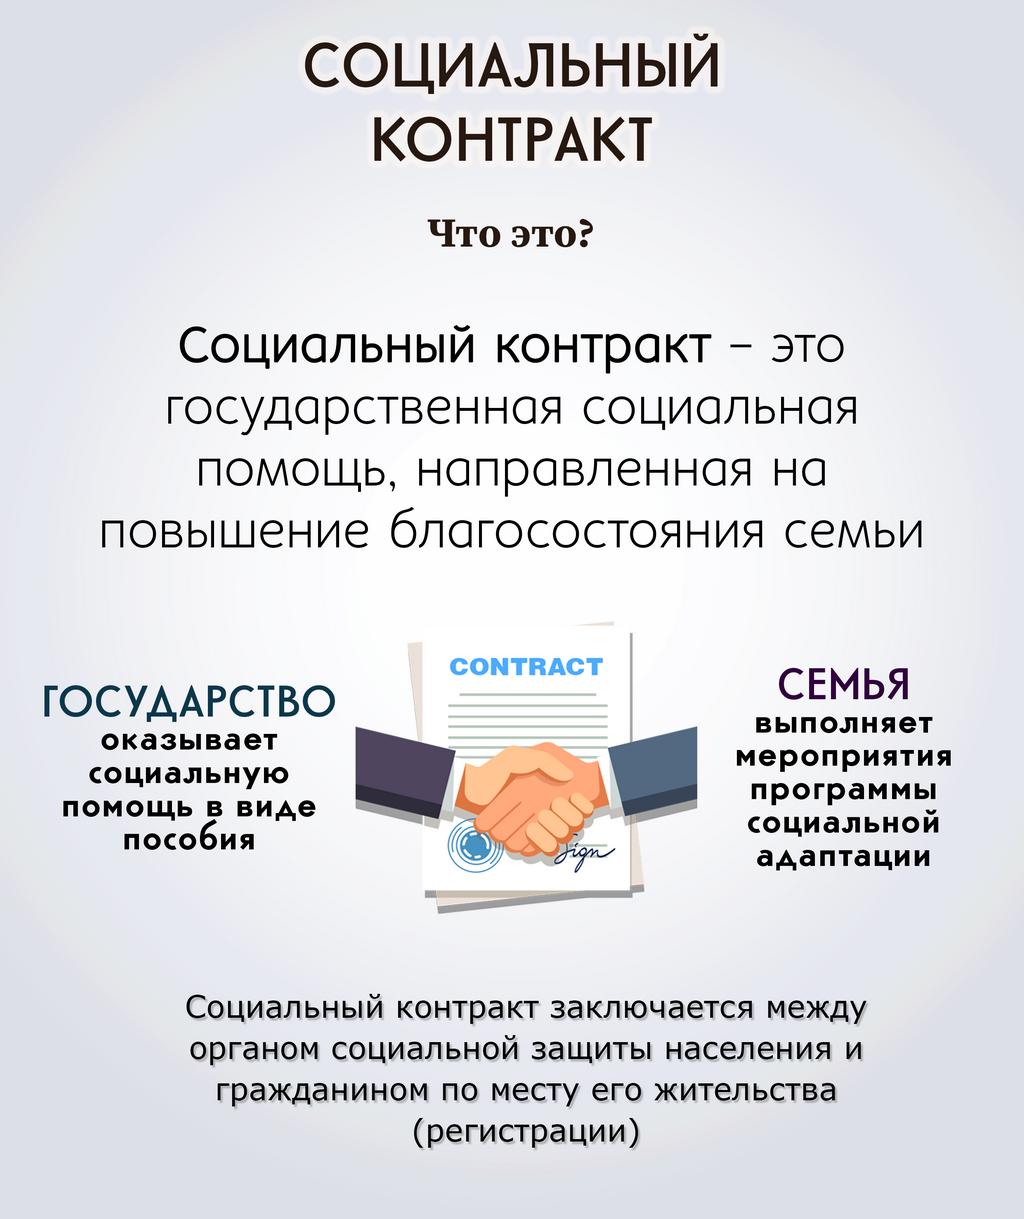 Гос соц помощь на основании соц контракта